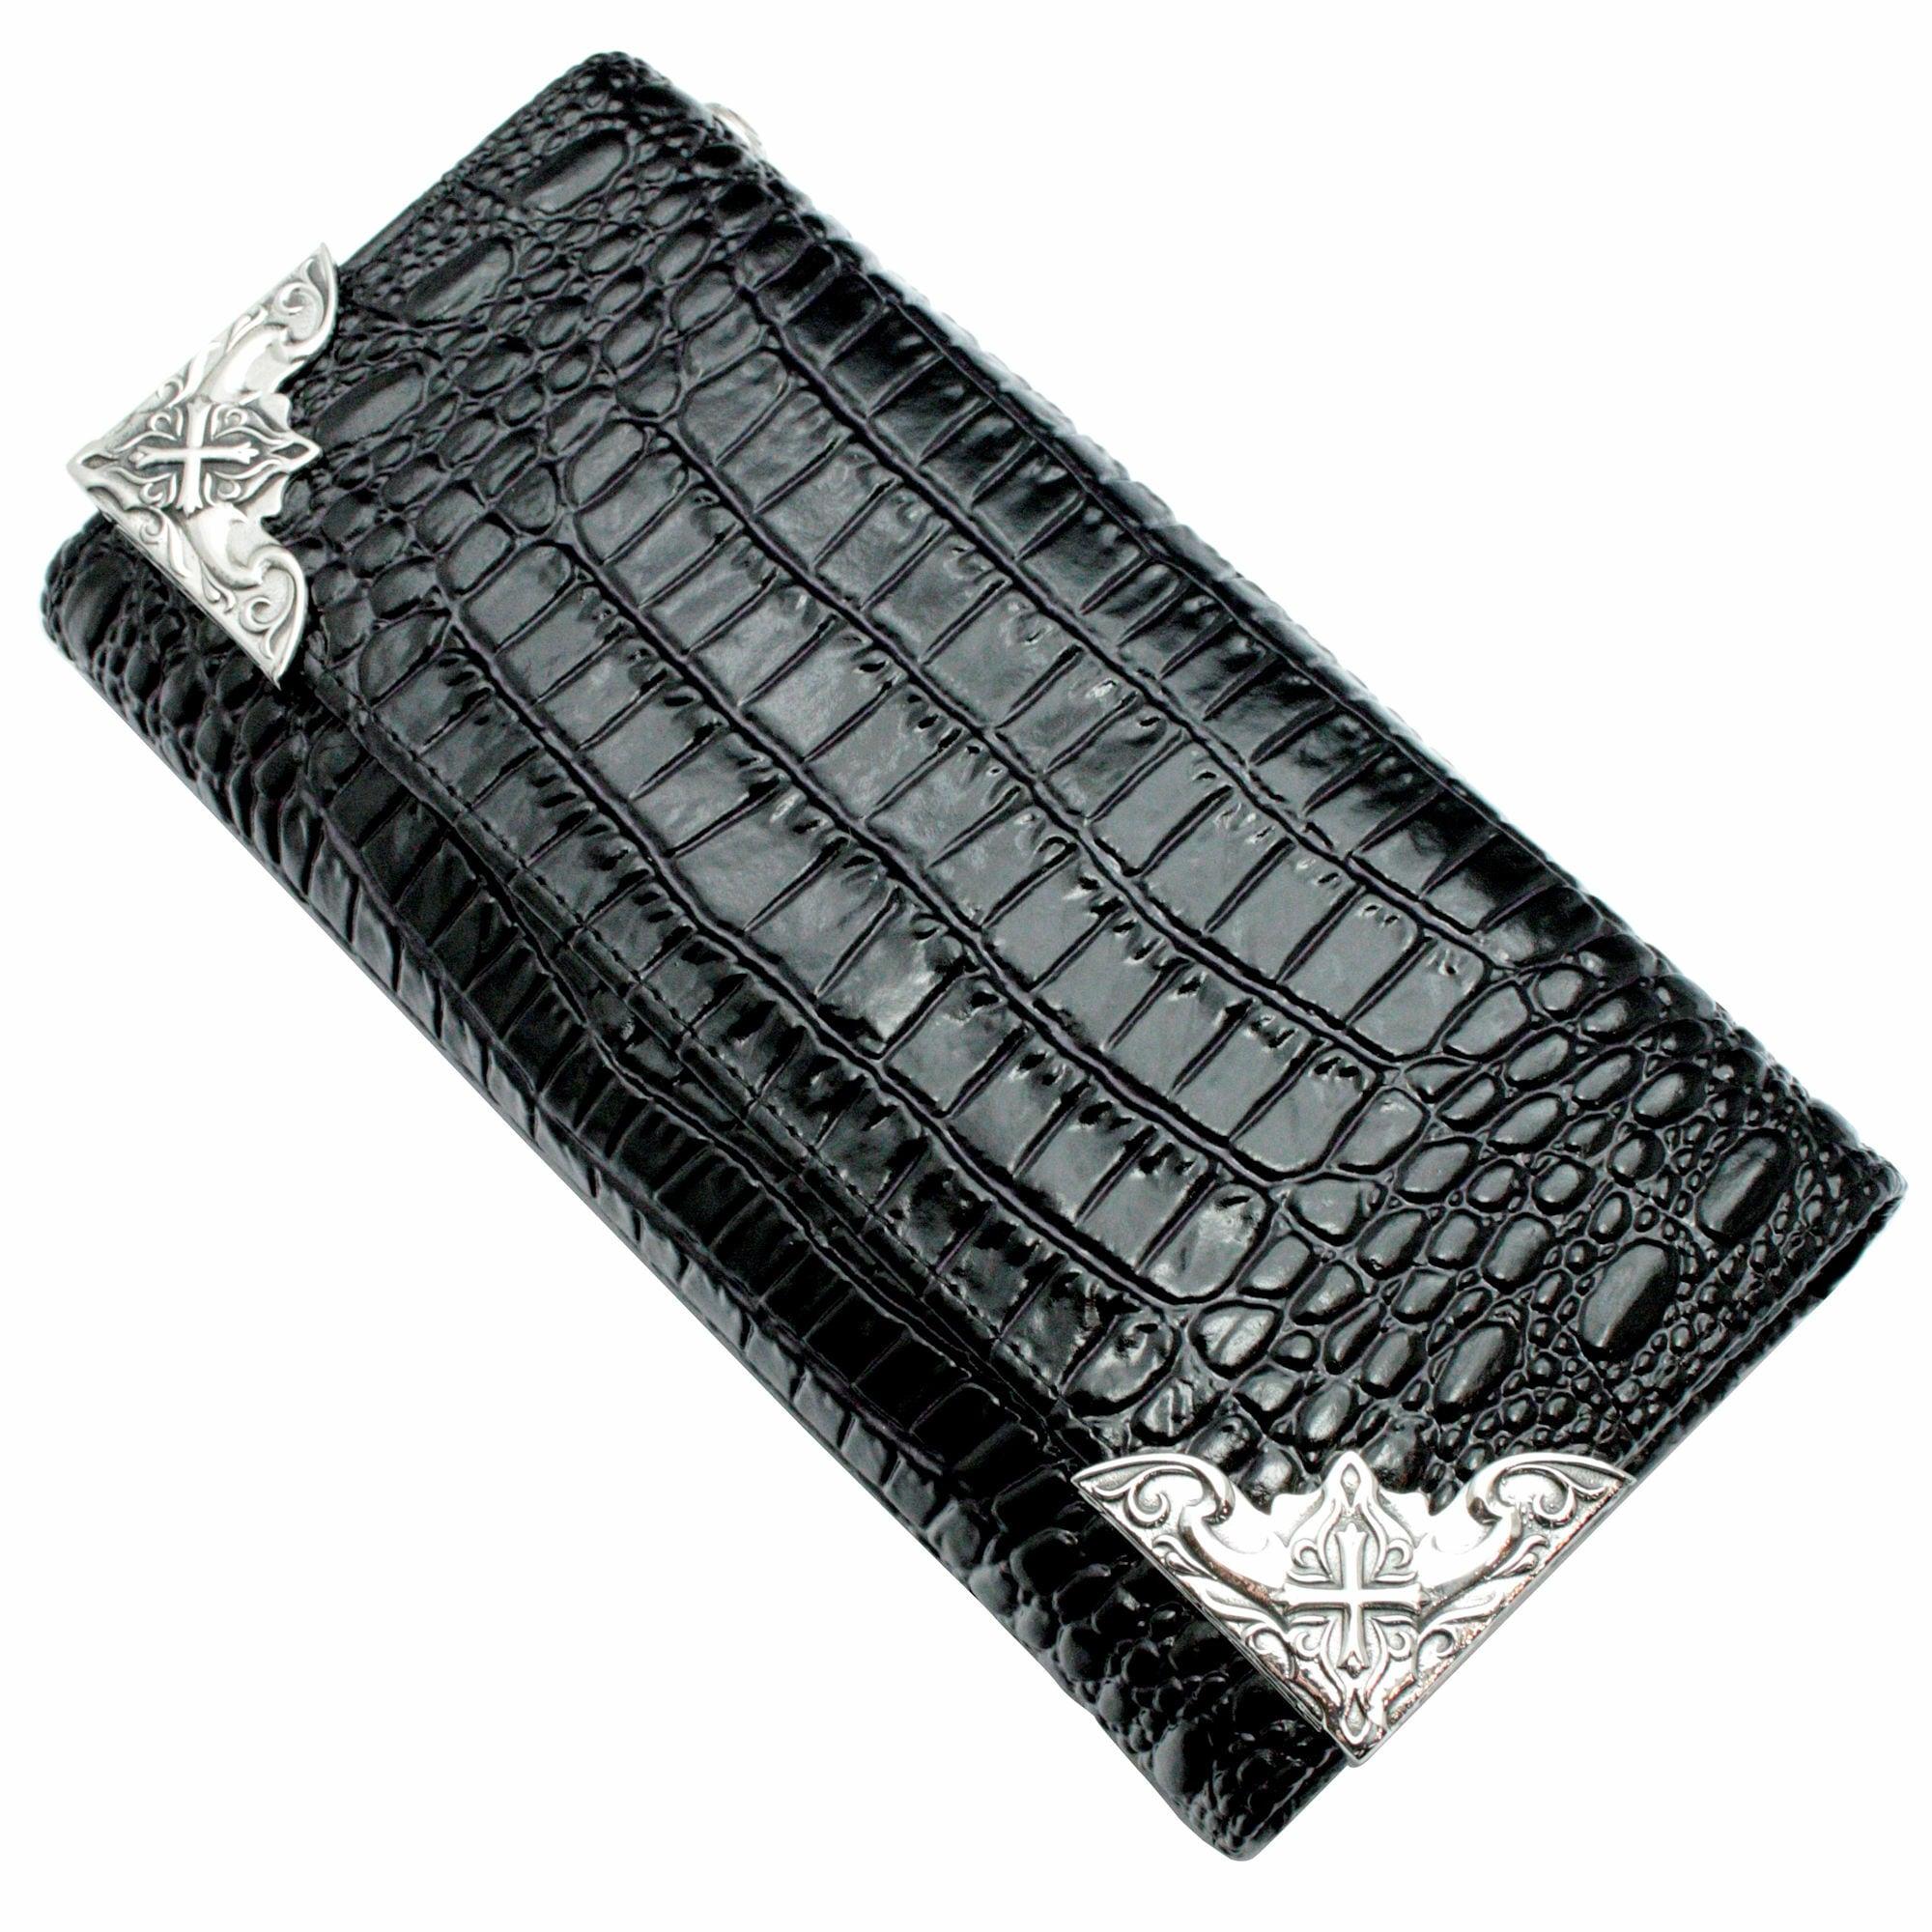 イーグルコーナーロングウォレット(クロコスタイルミッドナイトパープル) ACW0001 Eagle Corner Long Wallet (Croco Style Midnight Purple)